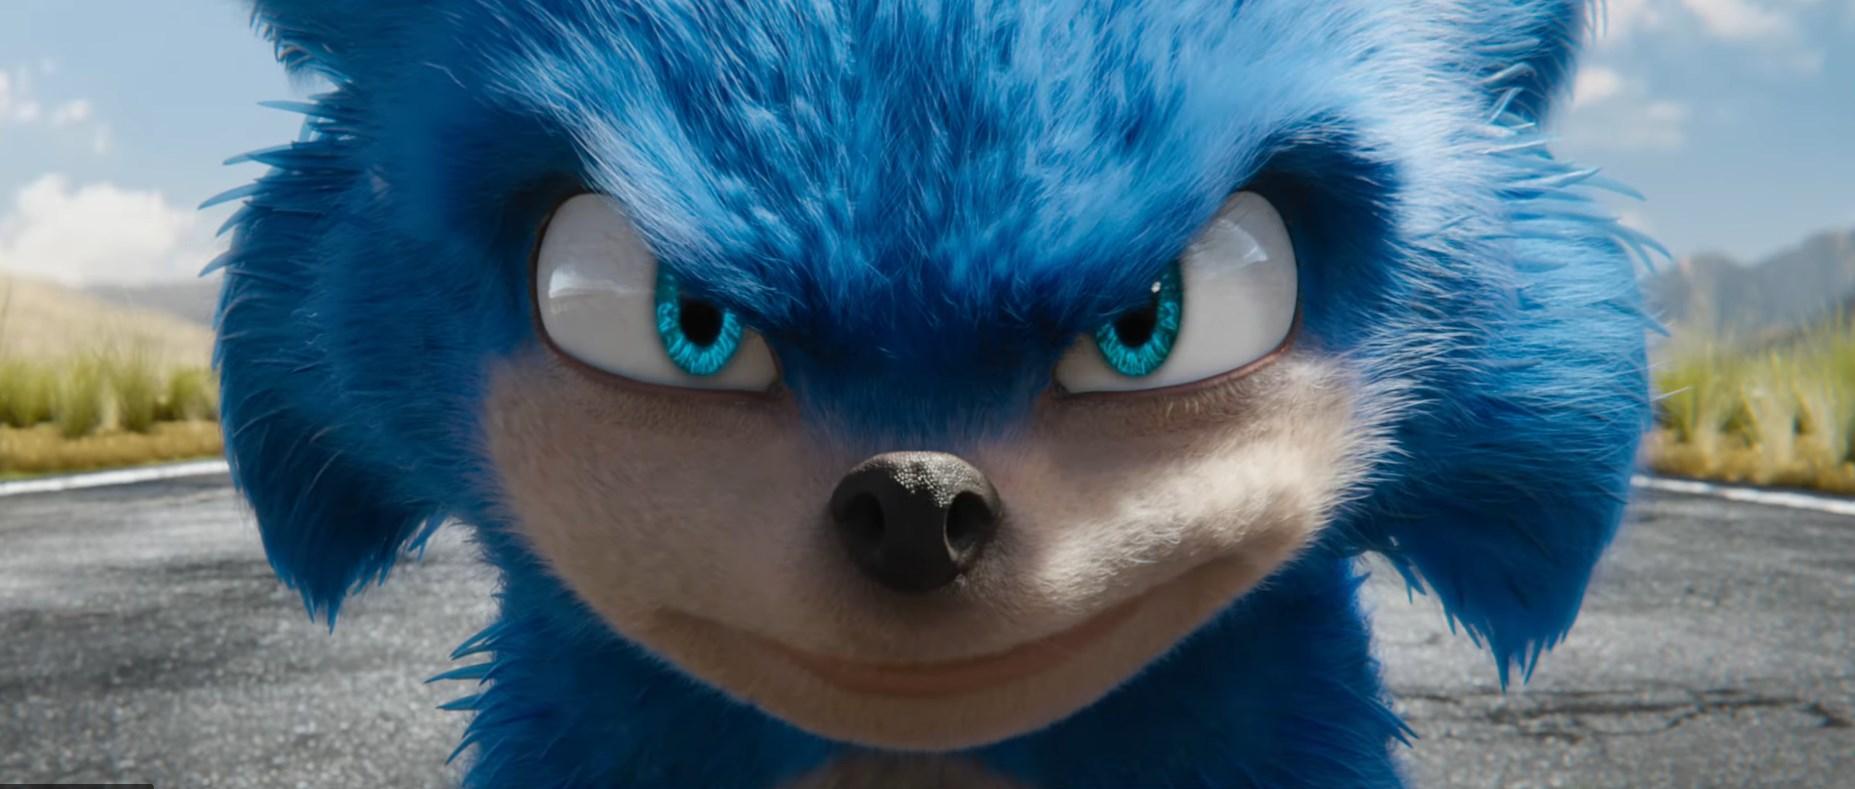 """Sega lo confirmó: modificarán el diseño de Sonic para su película """"live-action"""" luego de la gran cantidad de críticas"""